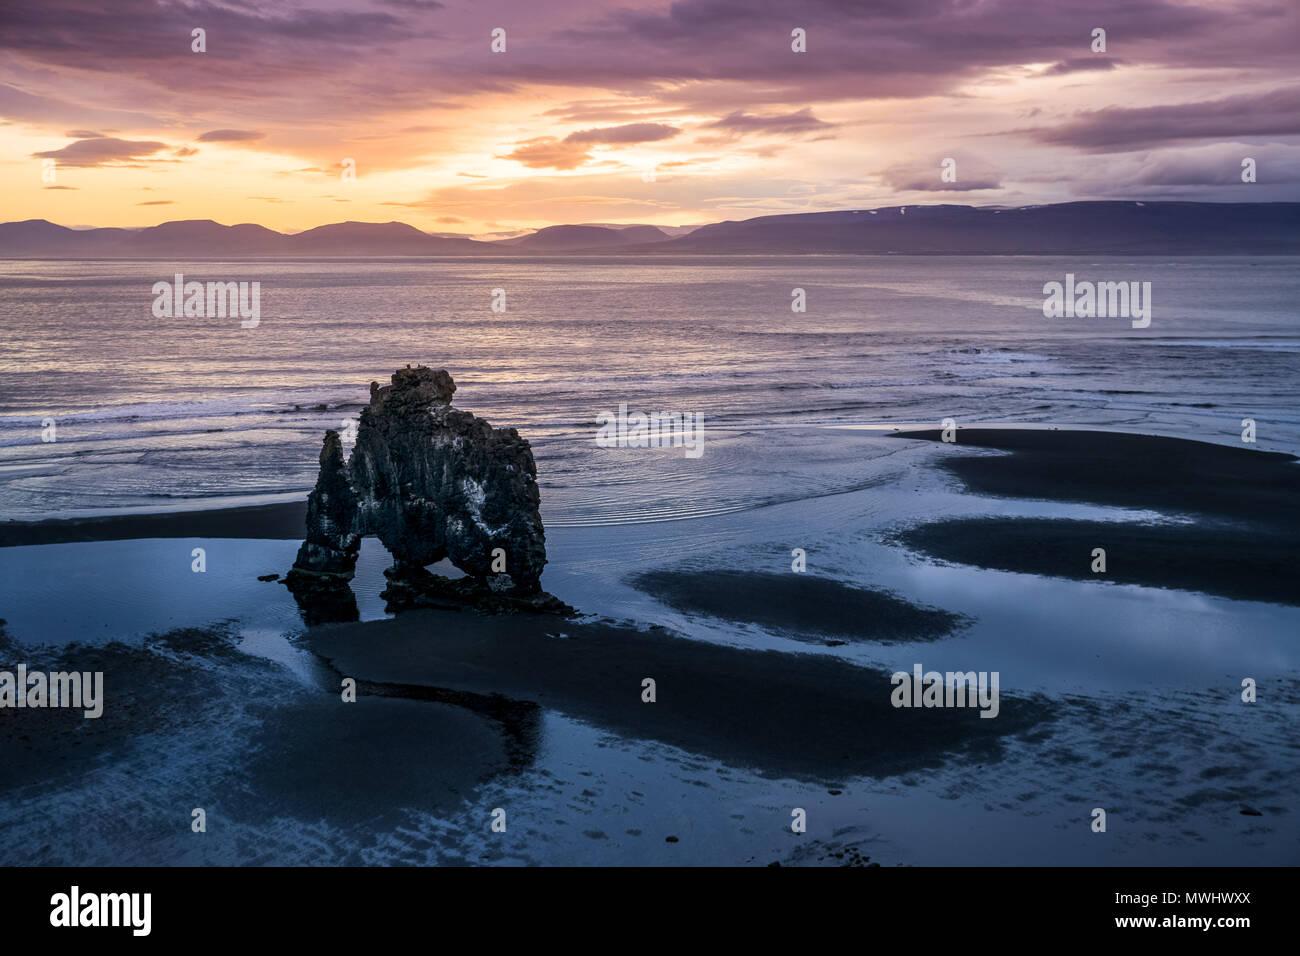 Berühmte hvítserkur Felsformation an der Küste von North Island Stockbild